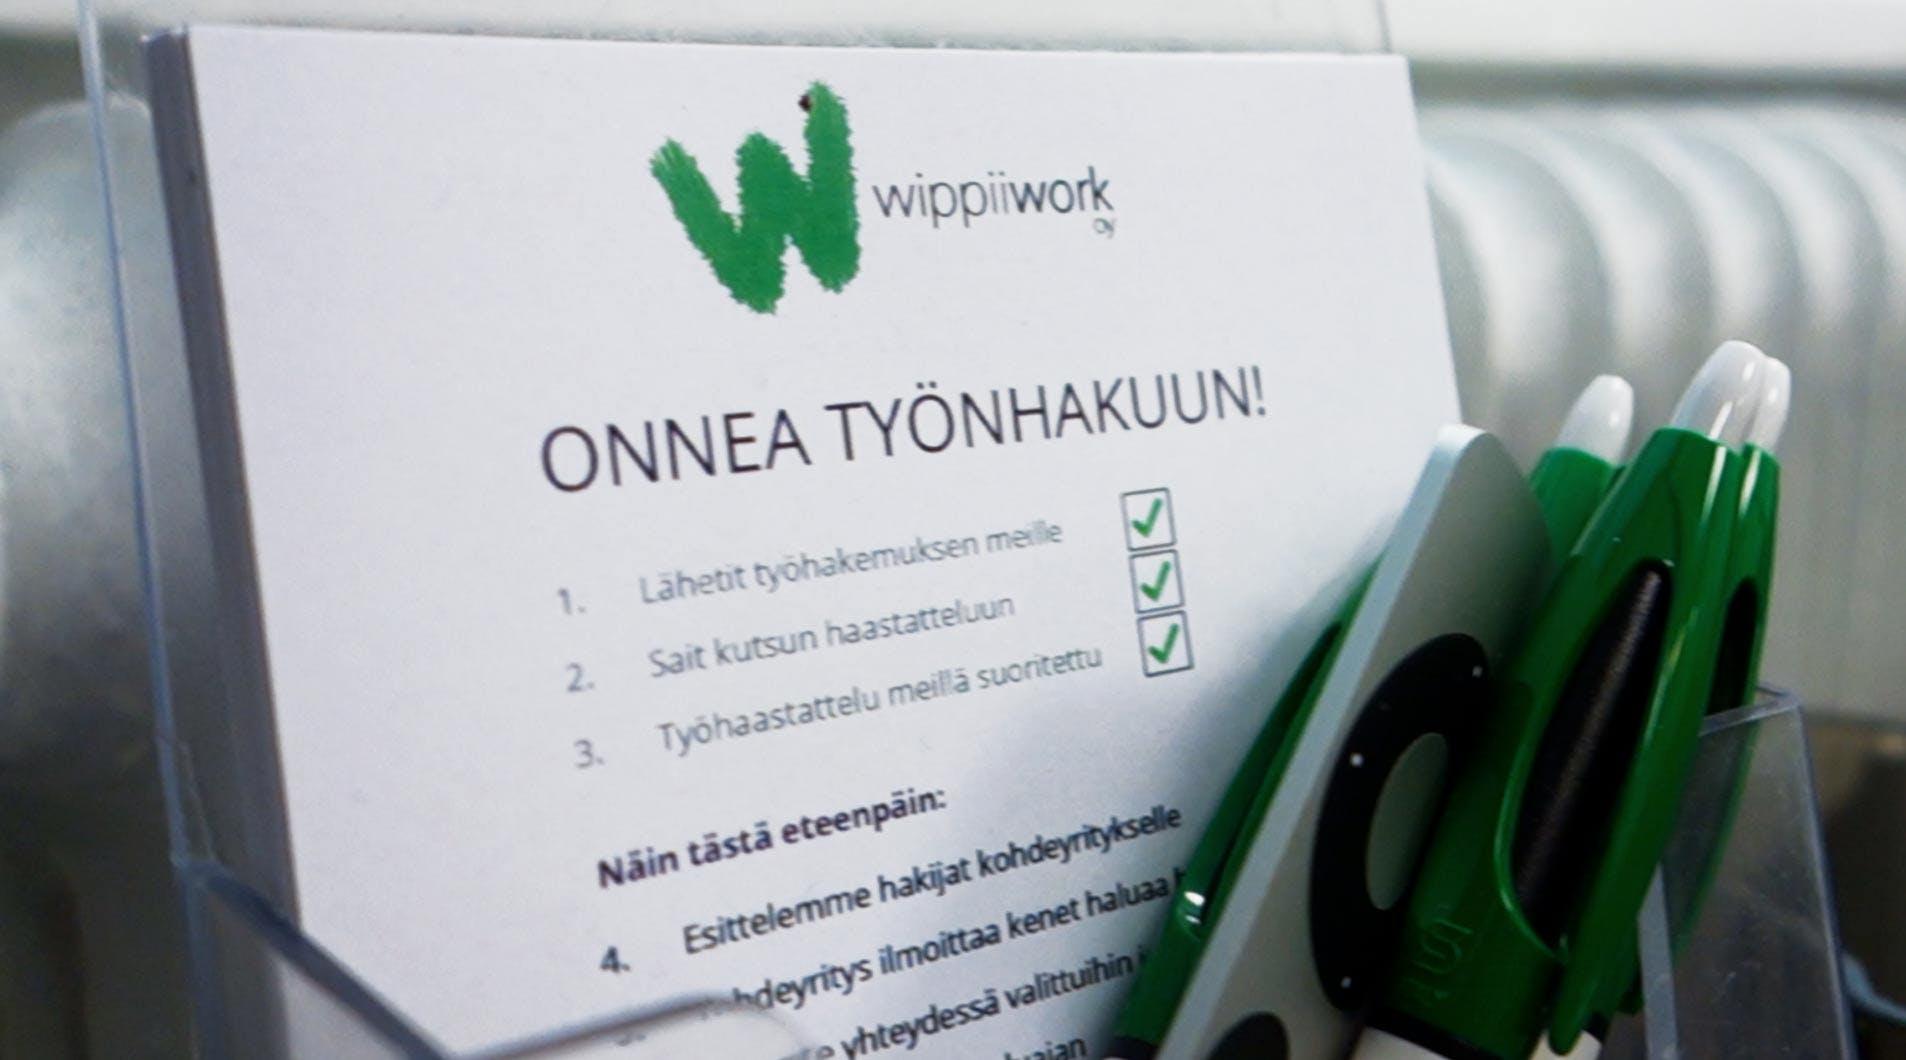 Wippi Work: Onnea työnhakuun!